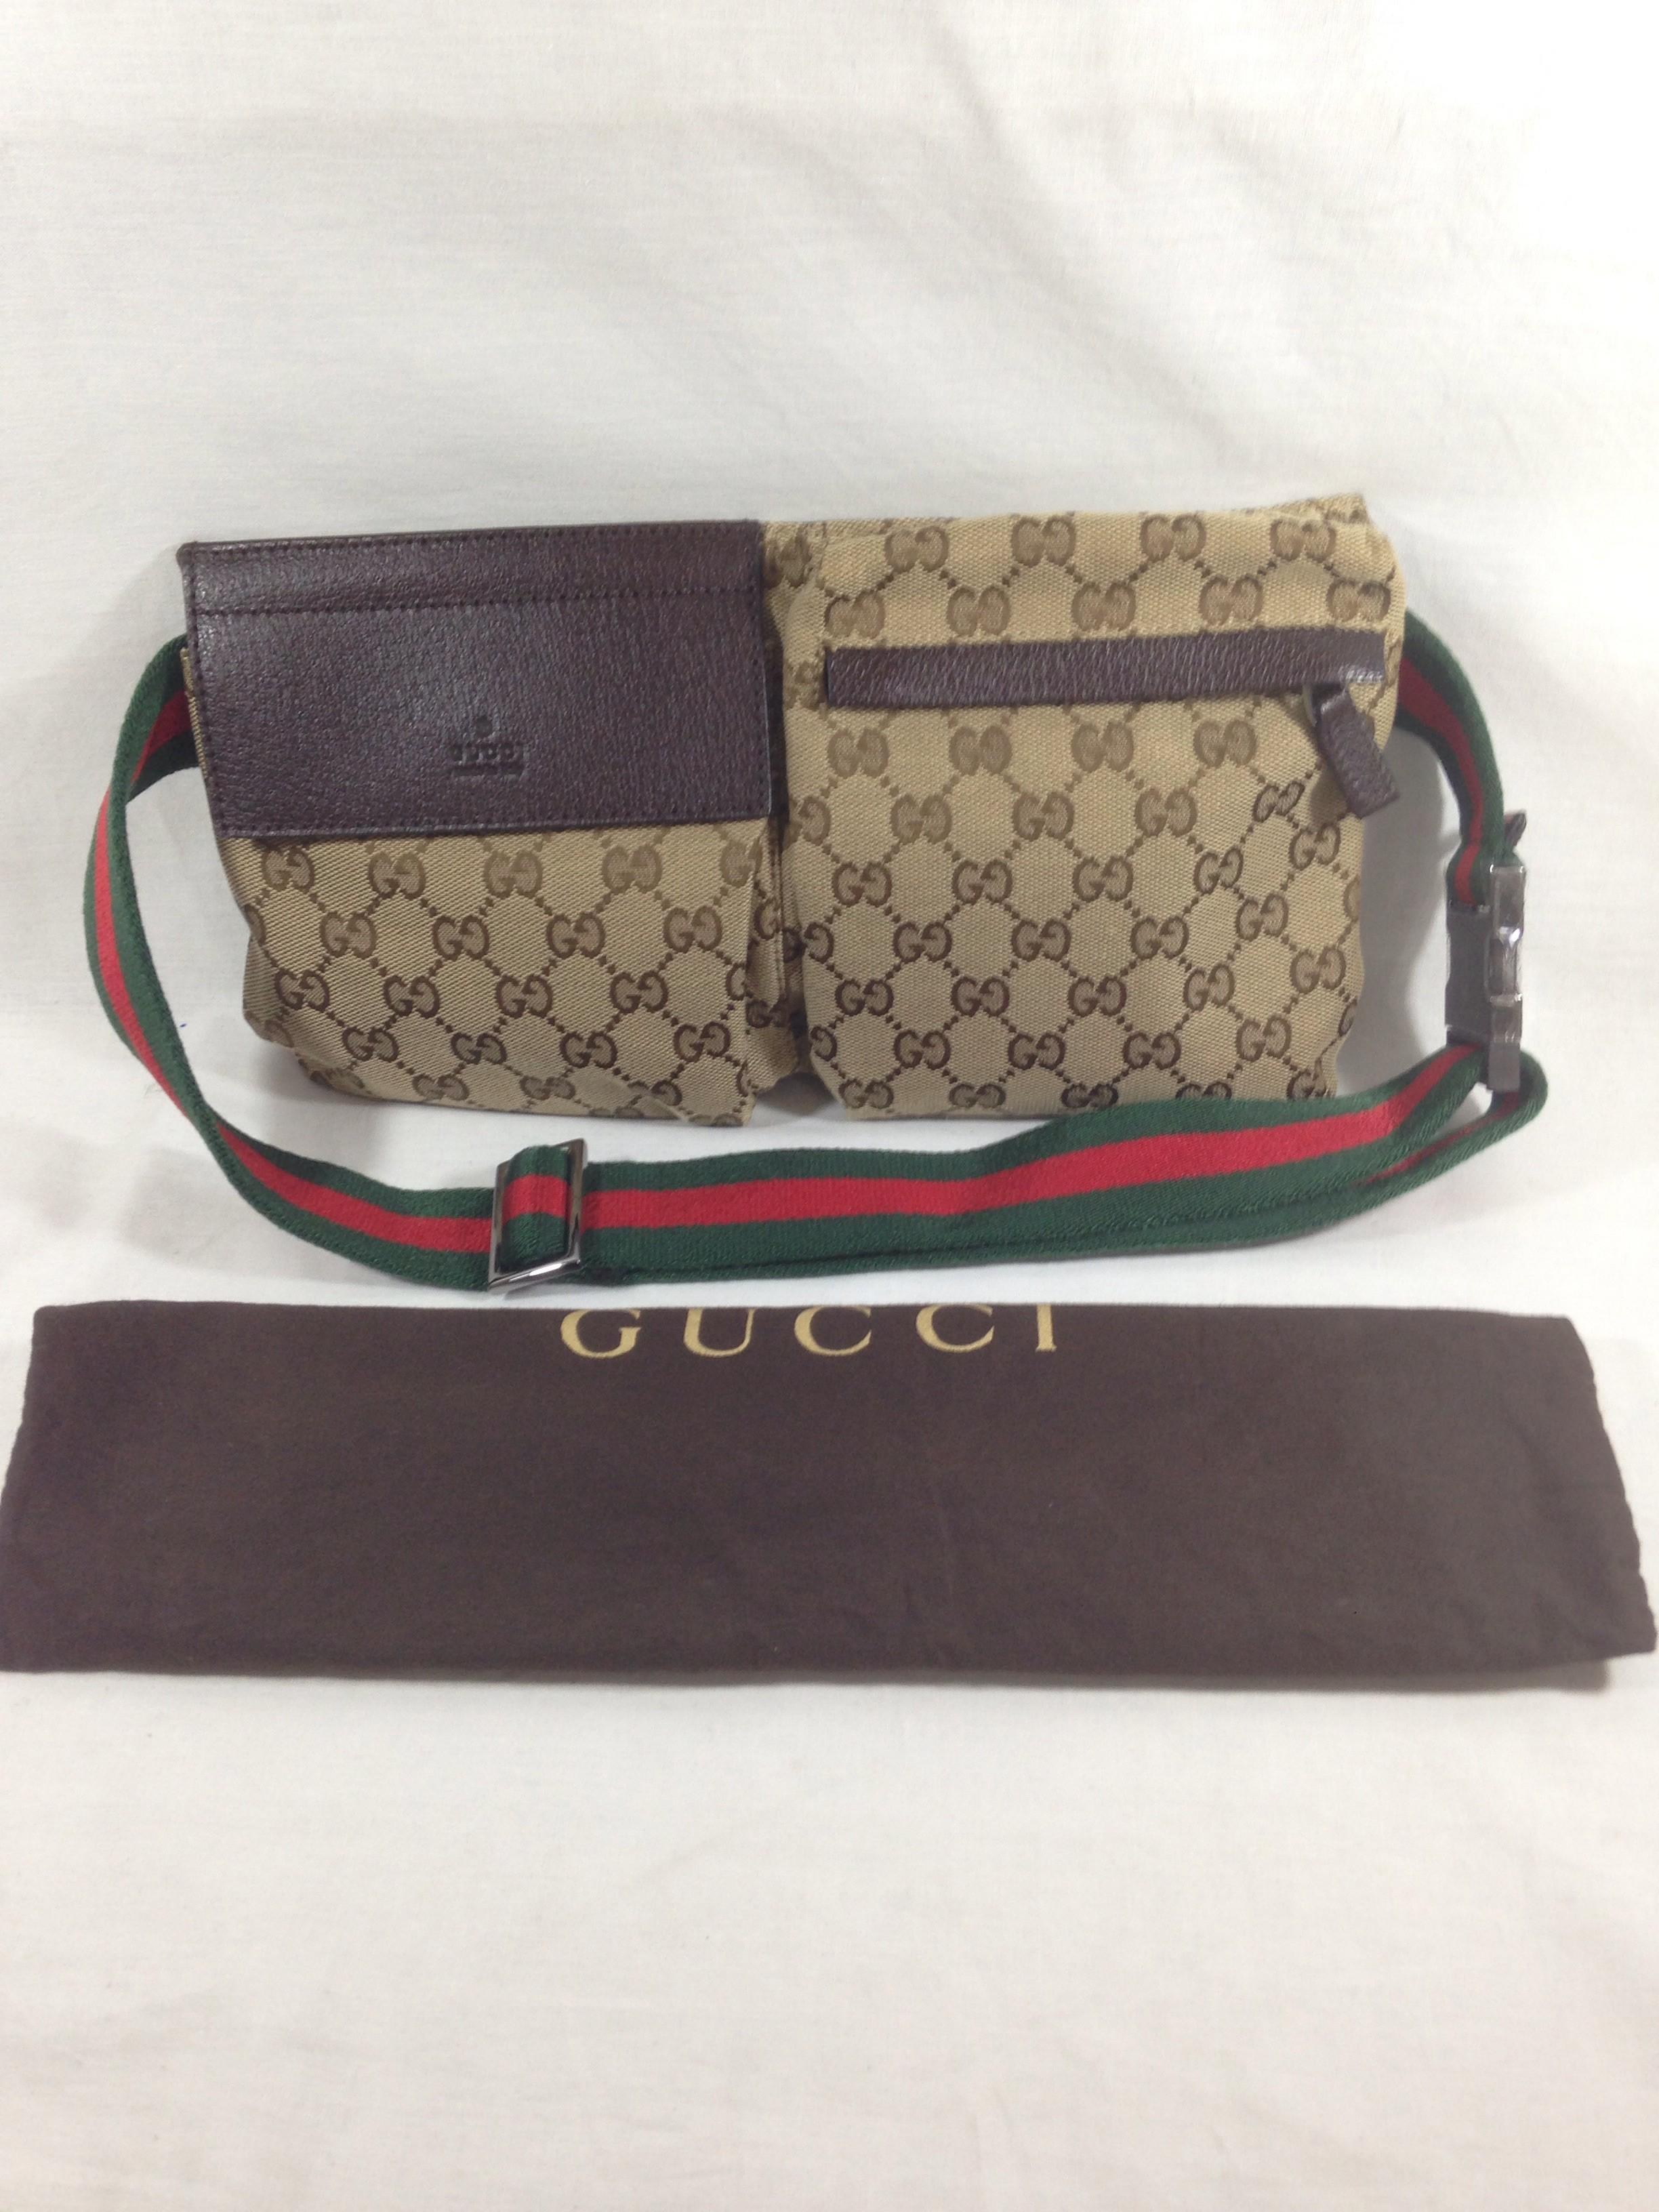 9540128db776 Gucci waist bag belt bag Buy Online, Preloved & 100% Authentic ...